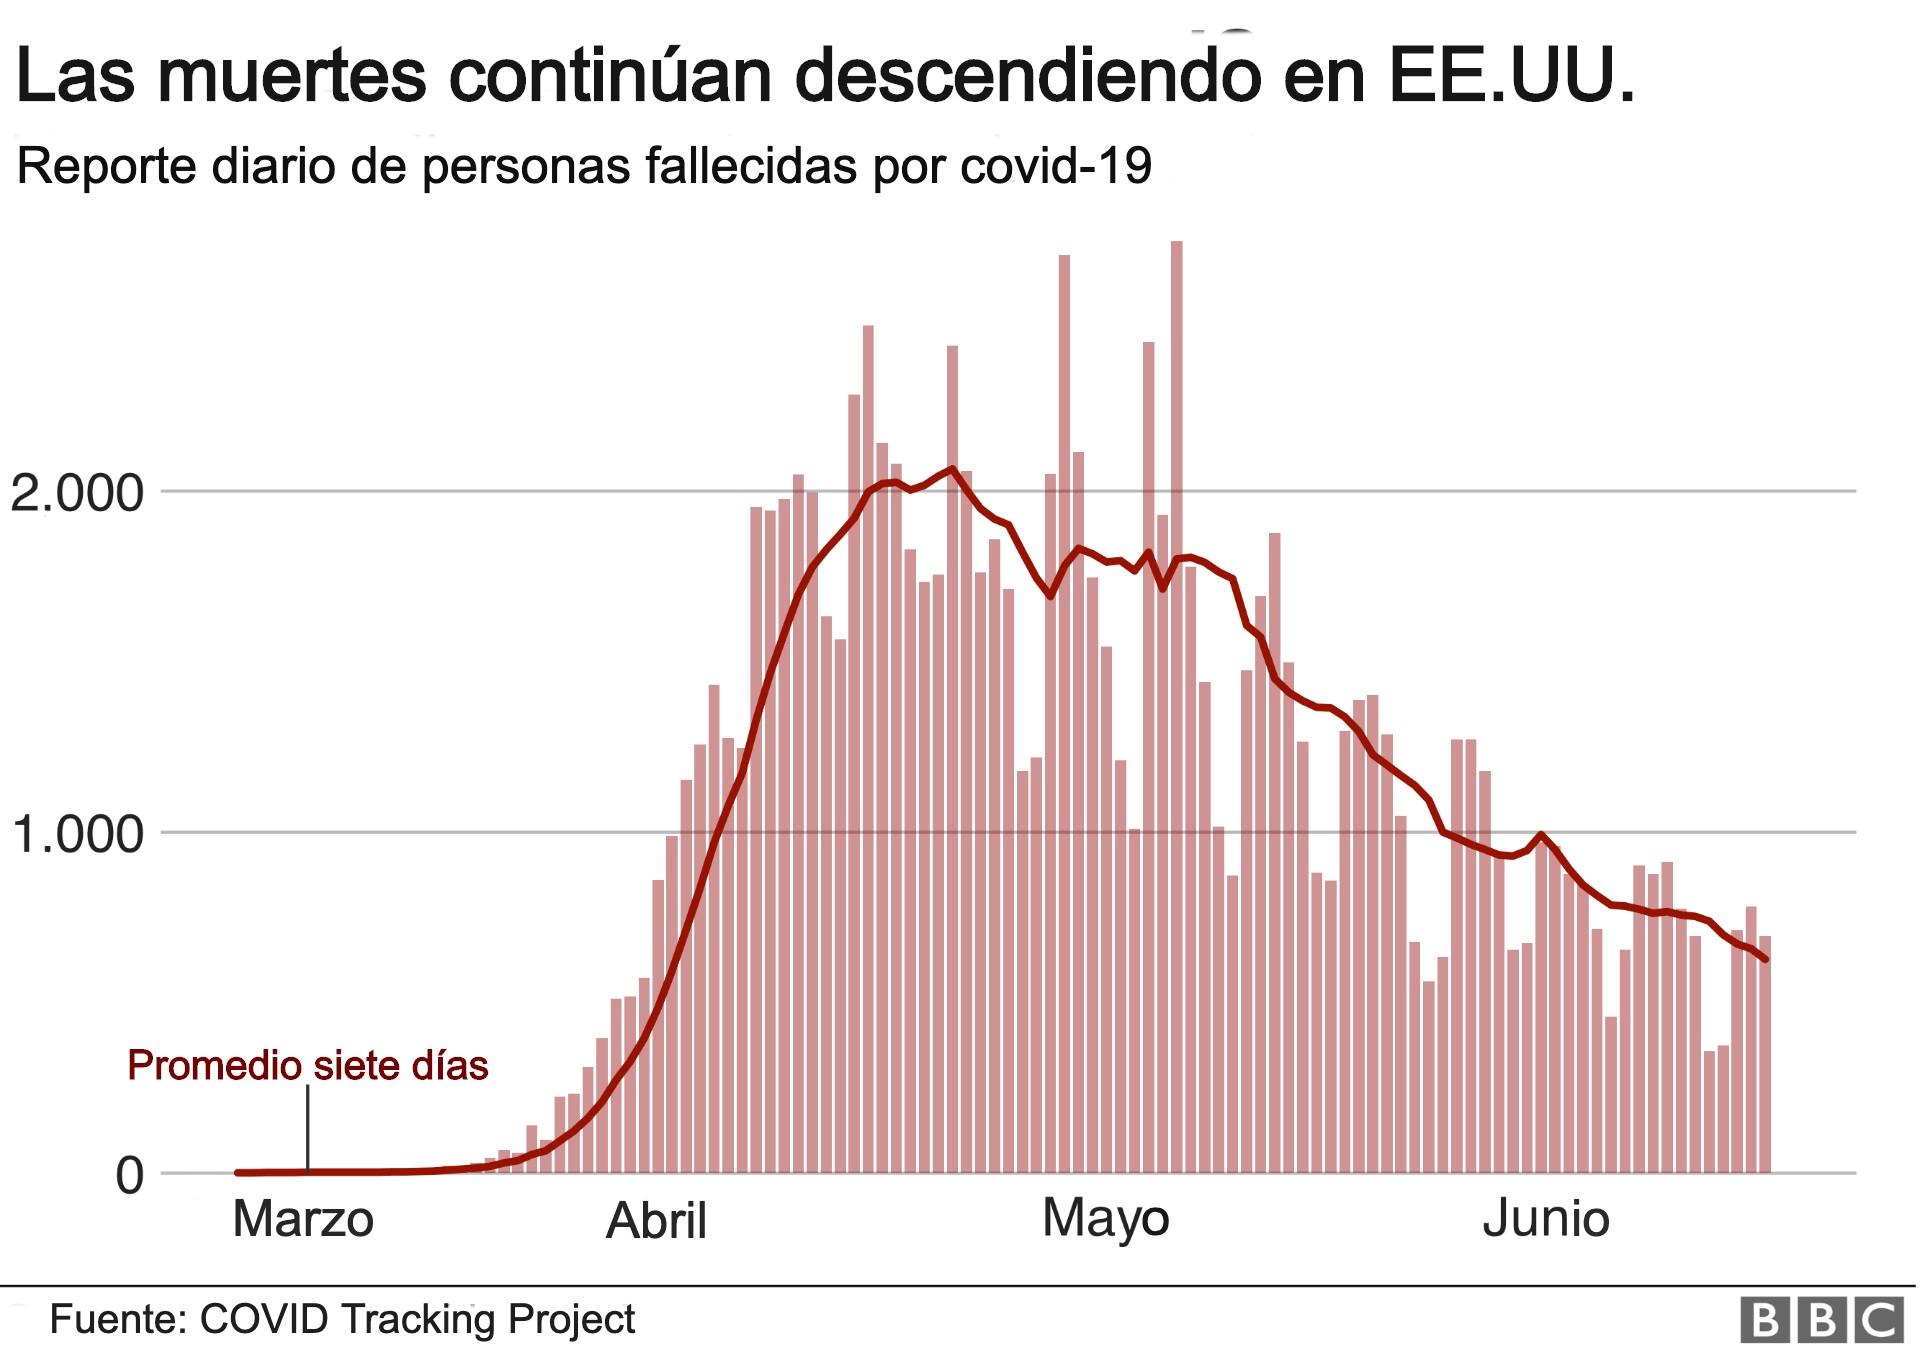 Muertes continuan en EEUU por covid/19